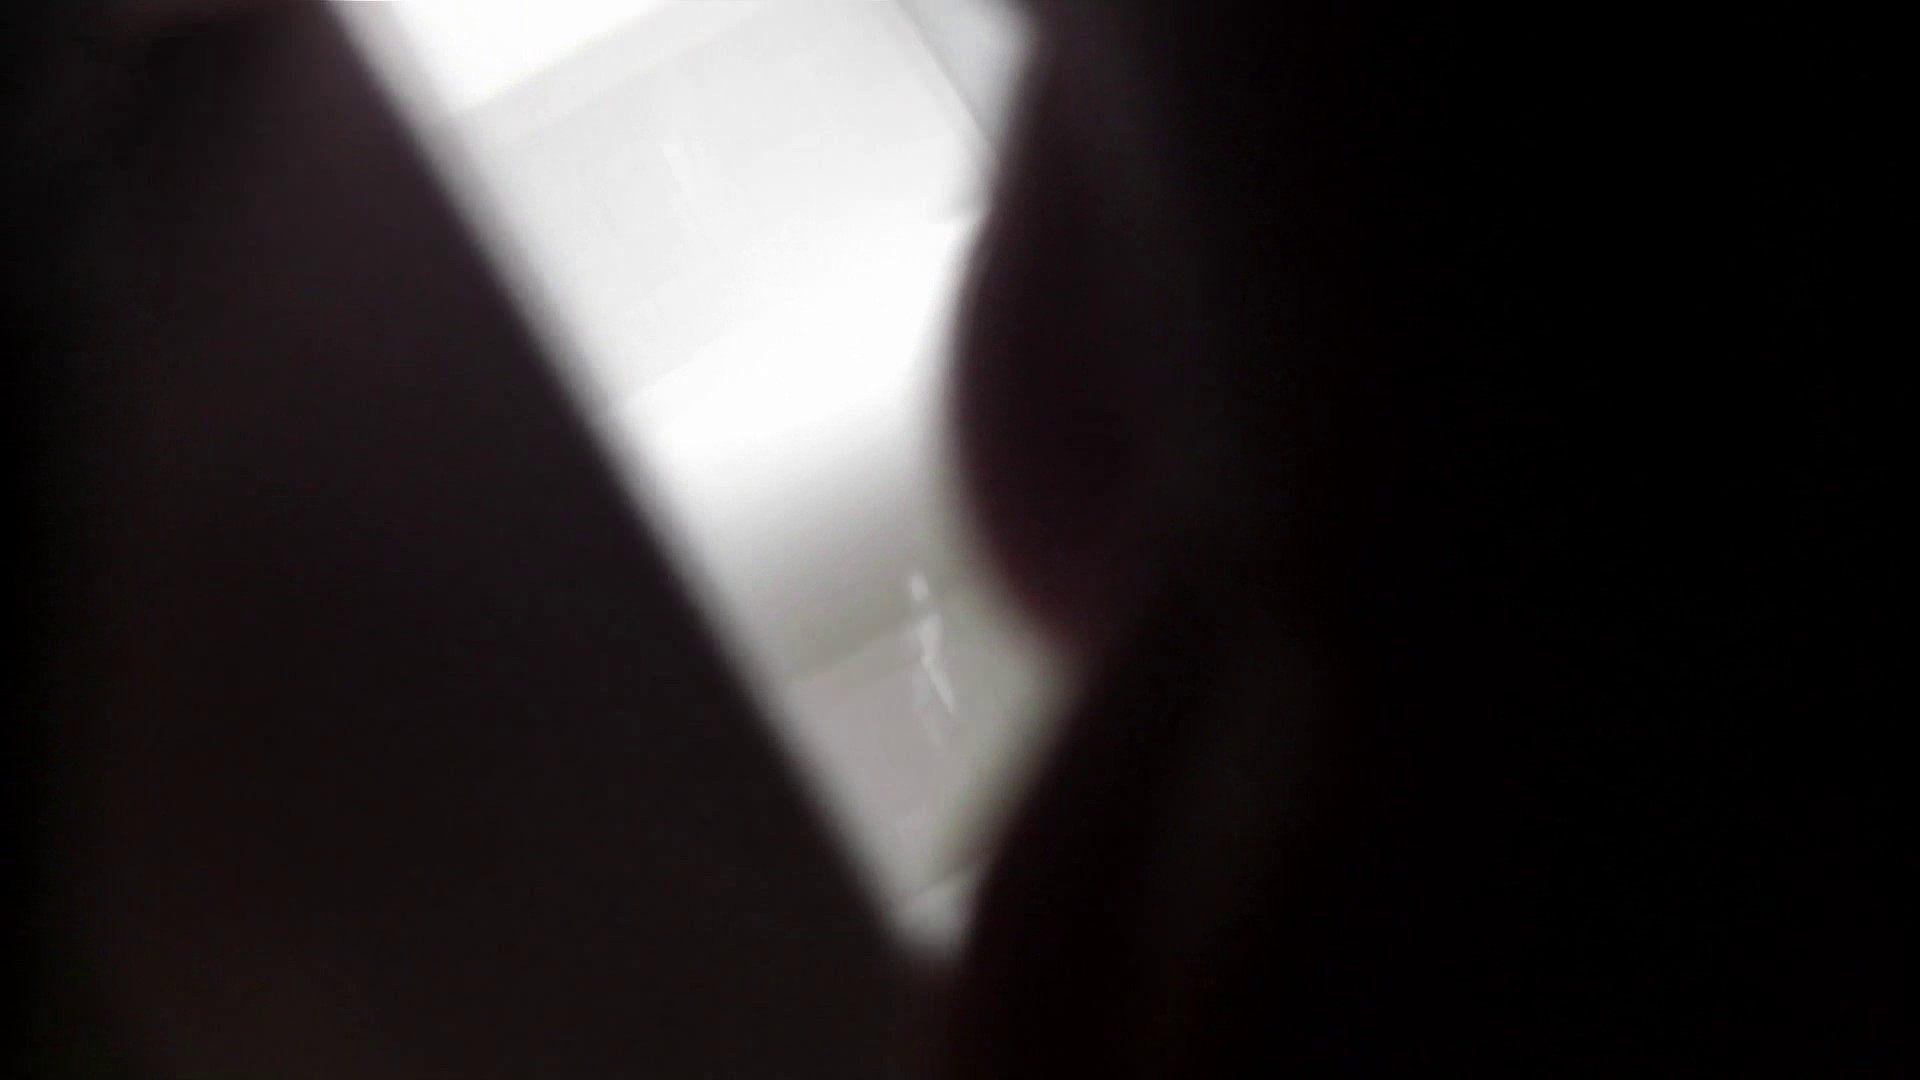 お銀 vol.73 シリーズ一番エロい尻登場 美人なお姉さん AV動画キャプチャ 67画像 27